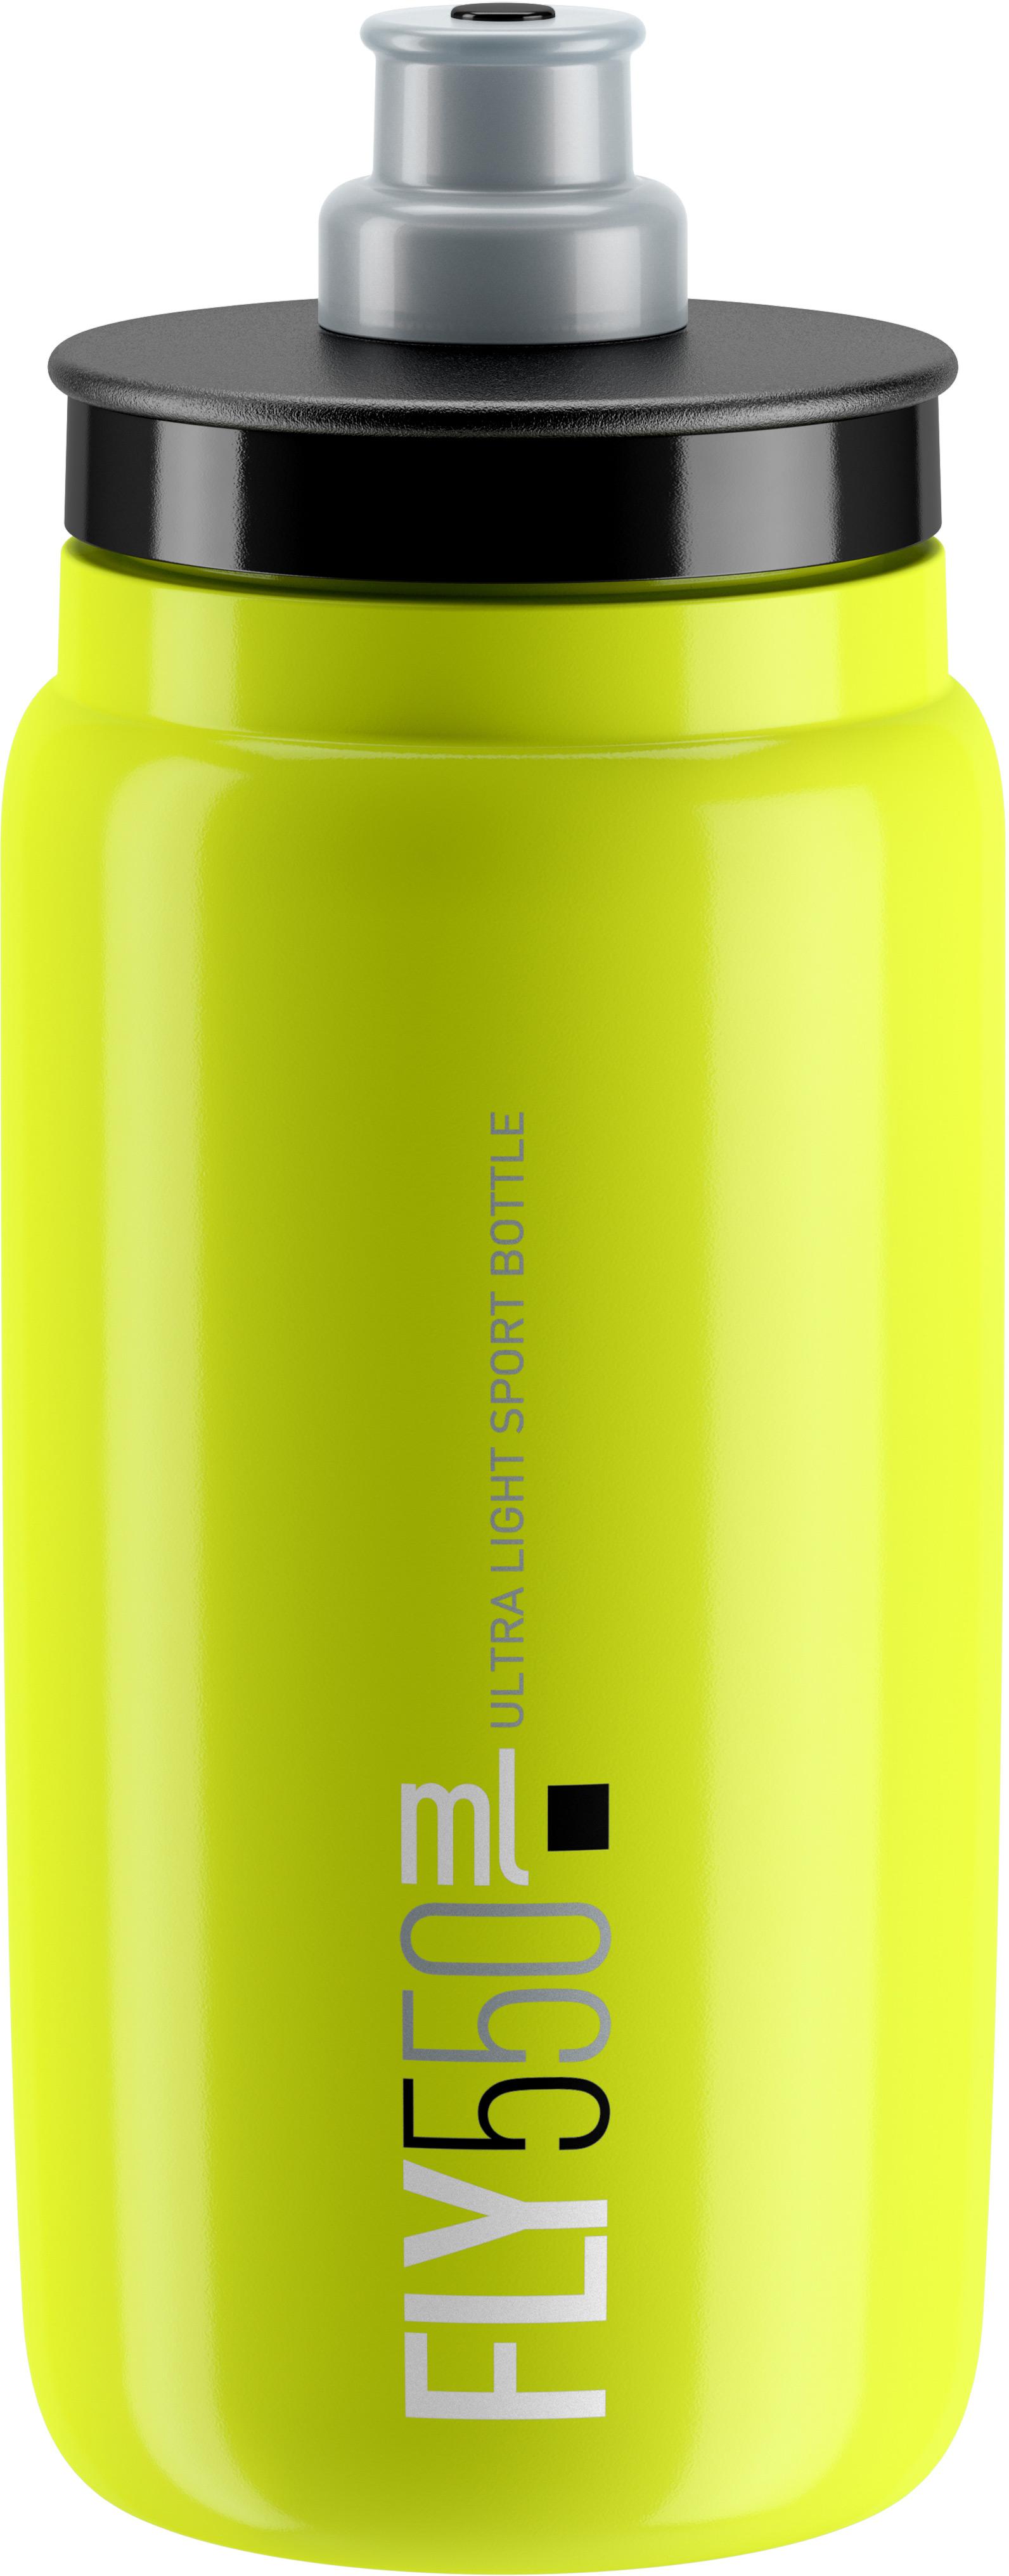 Fabric Gripper Bottle Black/clear